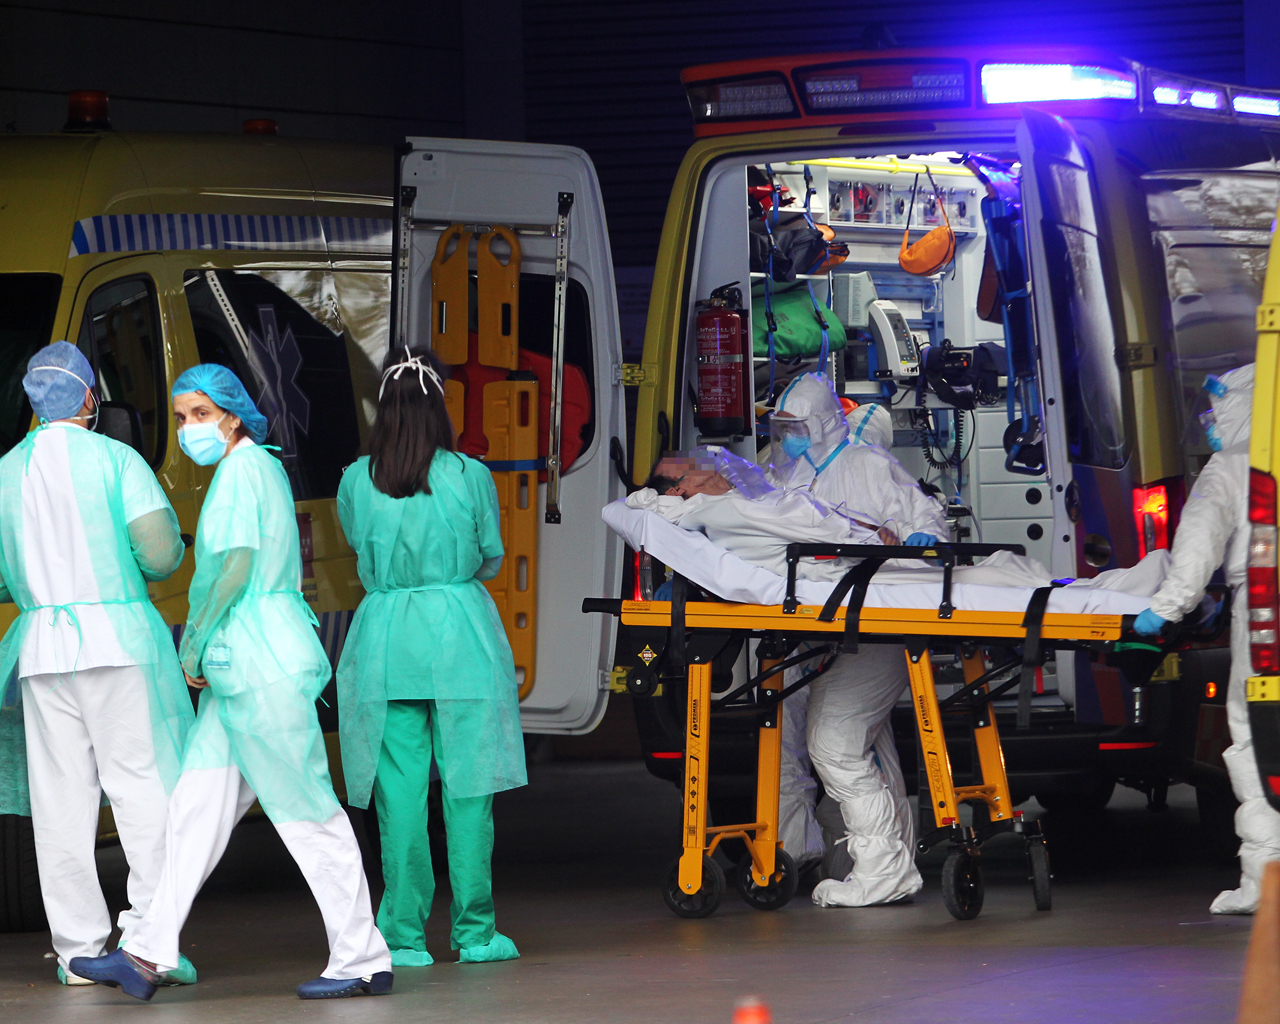 Traslado de enfermos en el Hospital Infanta Sofía. S.S. Reyes. Madrid. 04/04/2020.